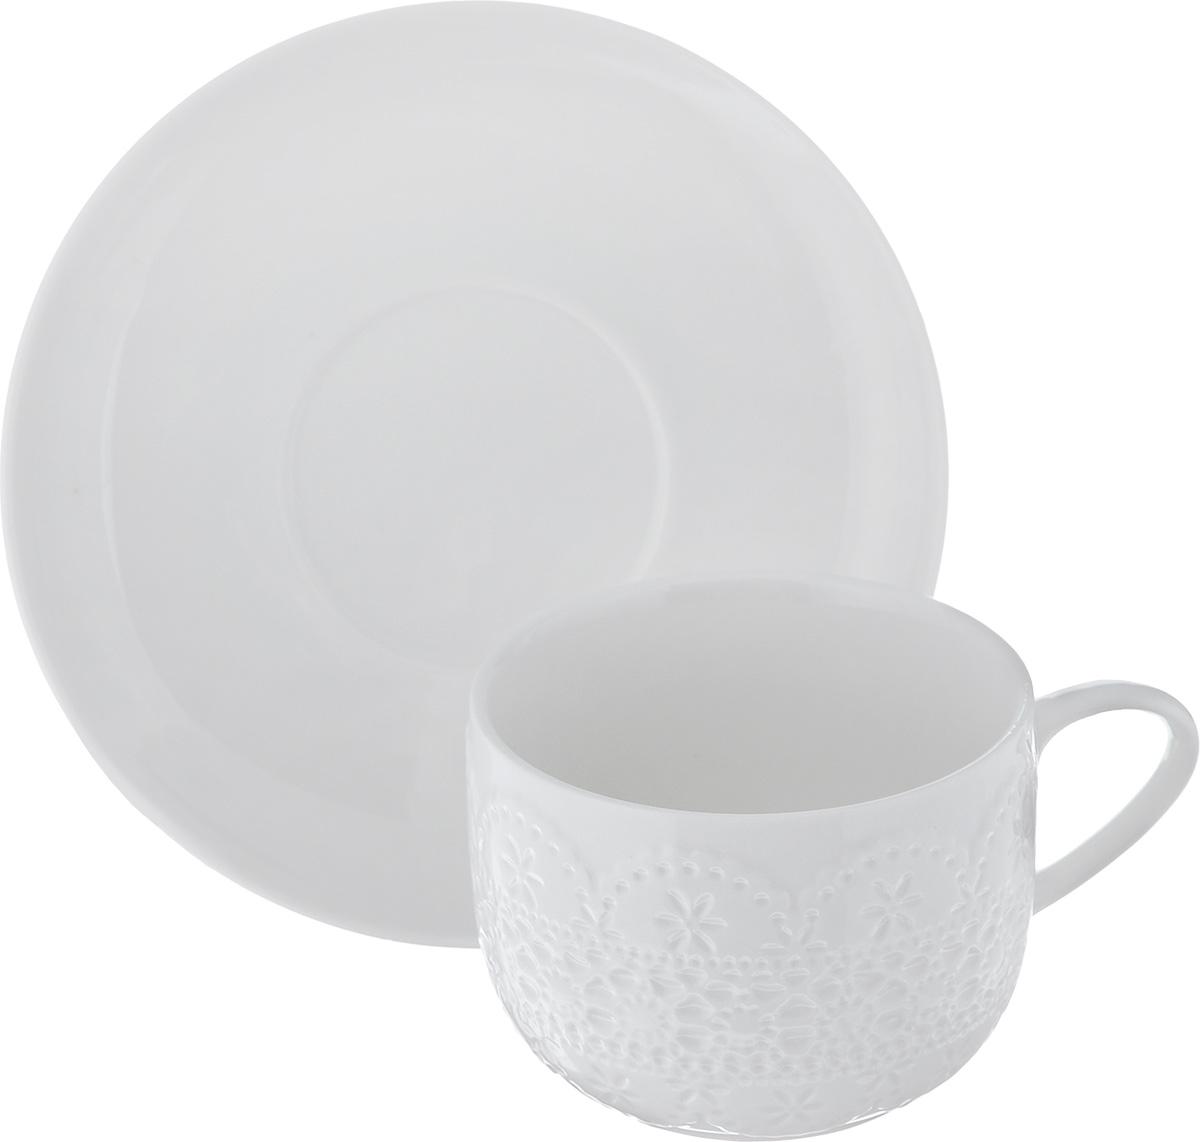 Чайная пара Walmer Charlotte, цвет: белый, 2 предметаW07370025Чайная пара Walmer Charlotte состоит из чашки и блюдца, изготовленных из высококачественного фарфора и декорированных оригинальным рельефом.Чайная пара украсит ваш кухонный стол, а также станет замечательным подарком к любому празднику.Не применять абразивные чистящие средства. Объем чашки: 250 мл.Диаметр чашки по верхнему краю: 8,5 см.Диаметр основания: 5,5 см.Высота чашки: 6,5 см.Диаметр блюдца: 15,5 см.